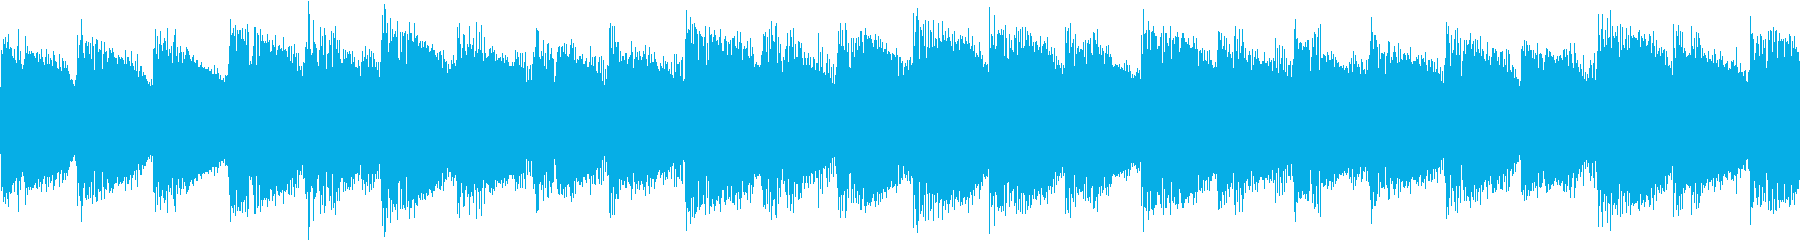 シンセ サイレン アナログ ピコピコ08の再生済みの波形